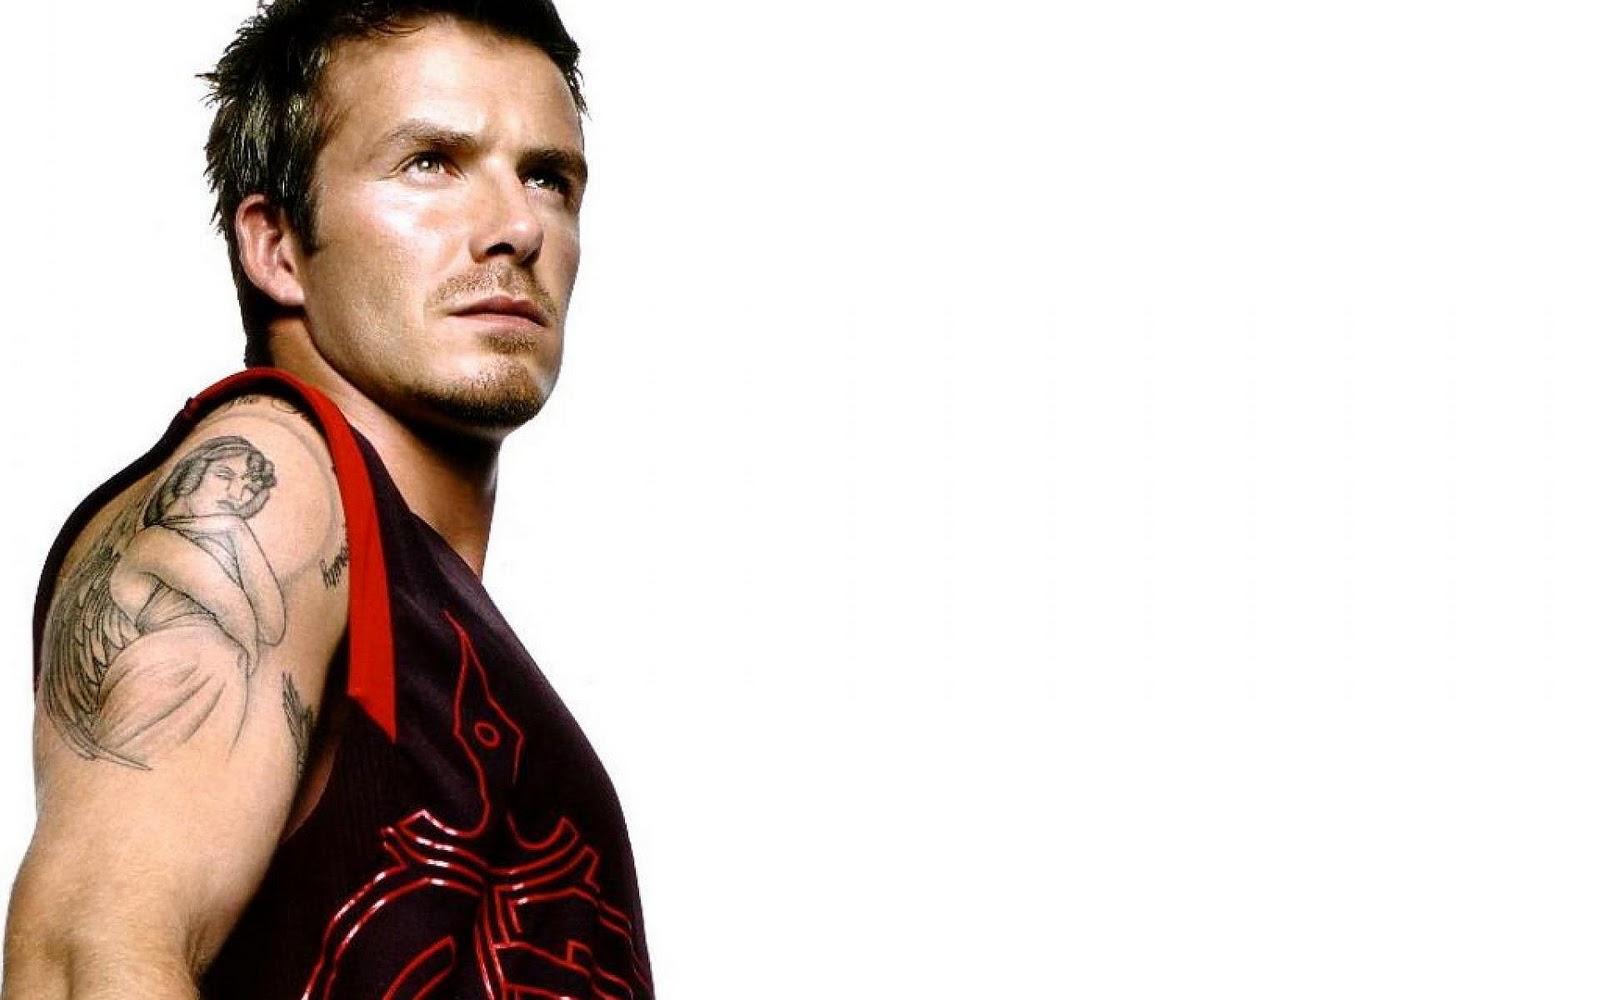 David Beckham Wallpapers   Best HD Desktop Wallpaper 1600x1000